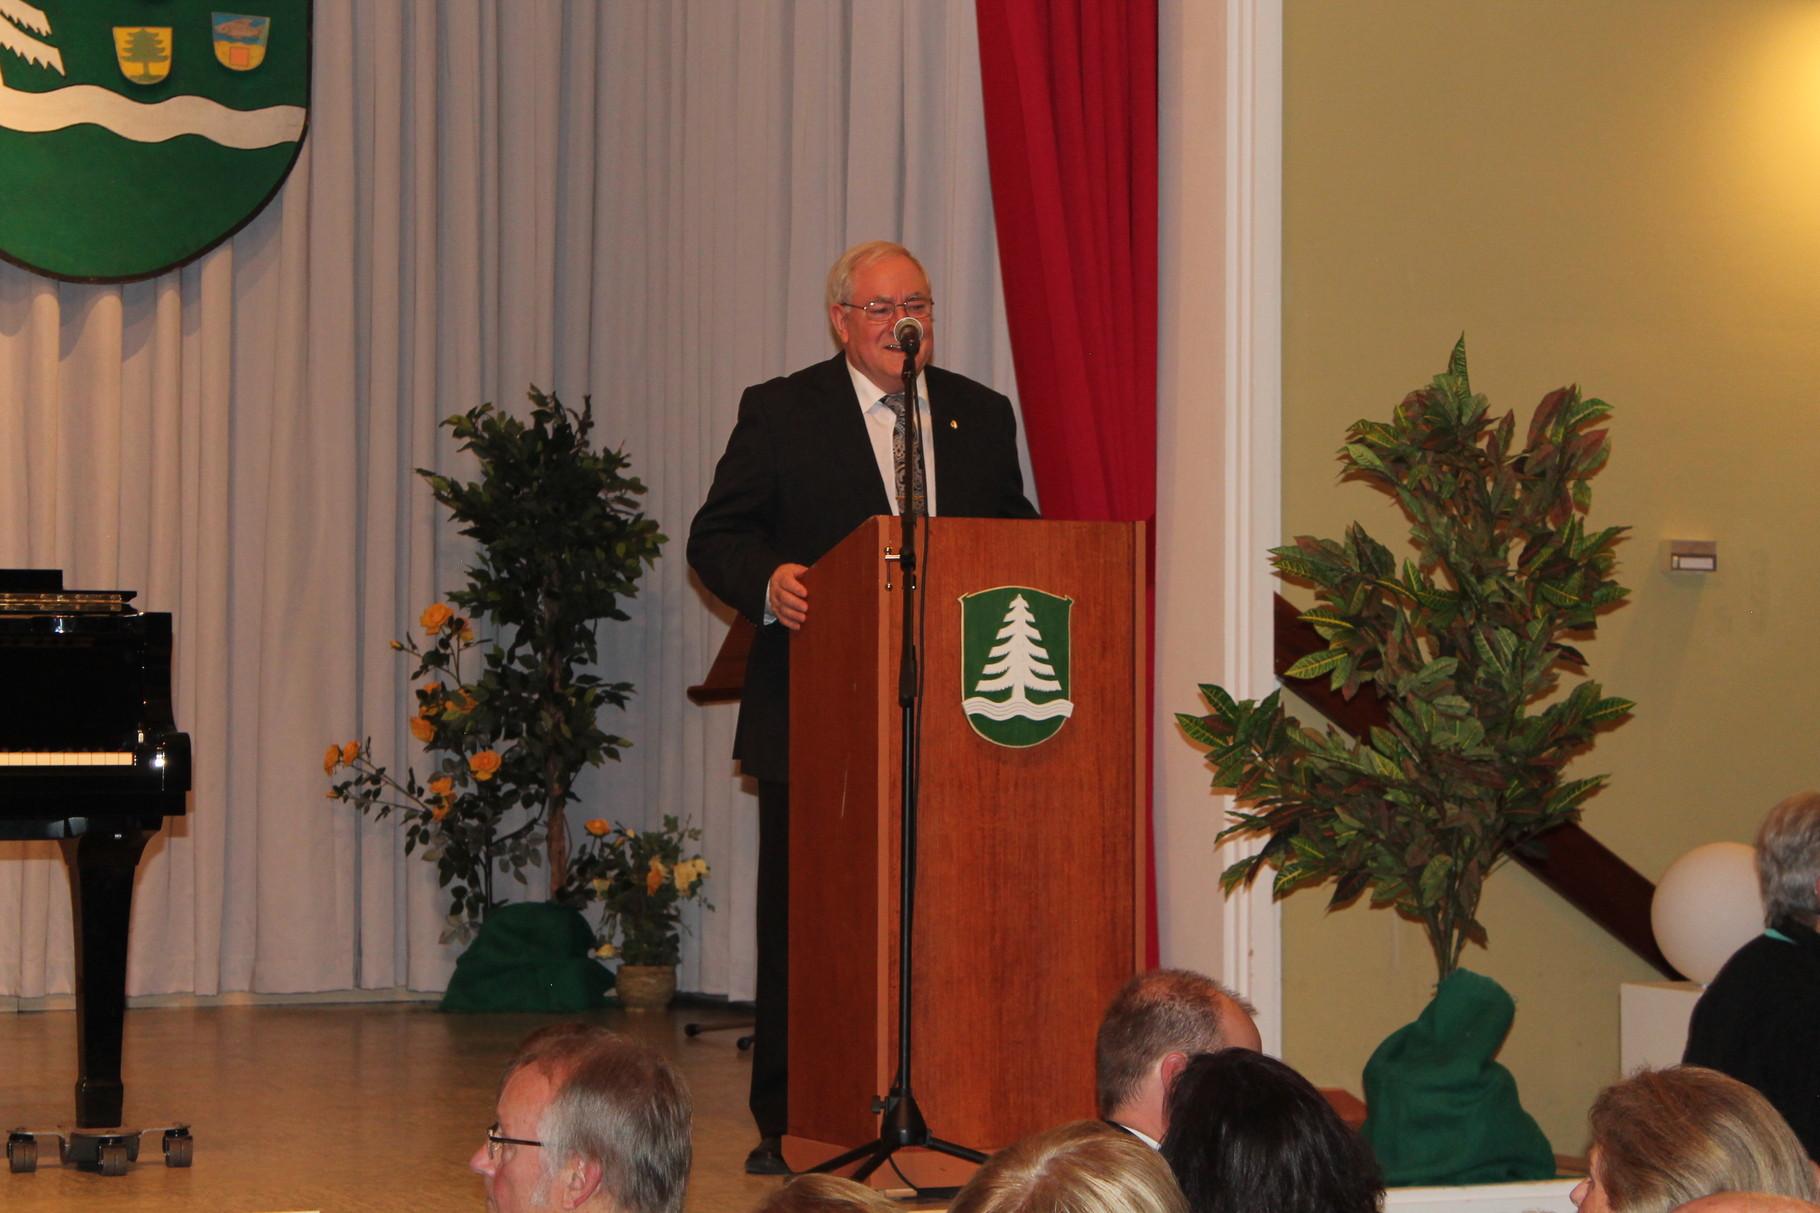 Ansprache- 2. Vorstand Chorvereinigung Untertaunus- Roland Vogel